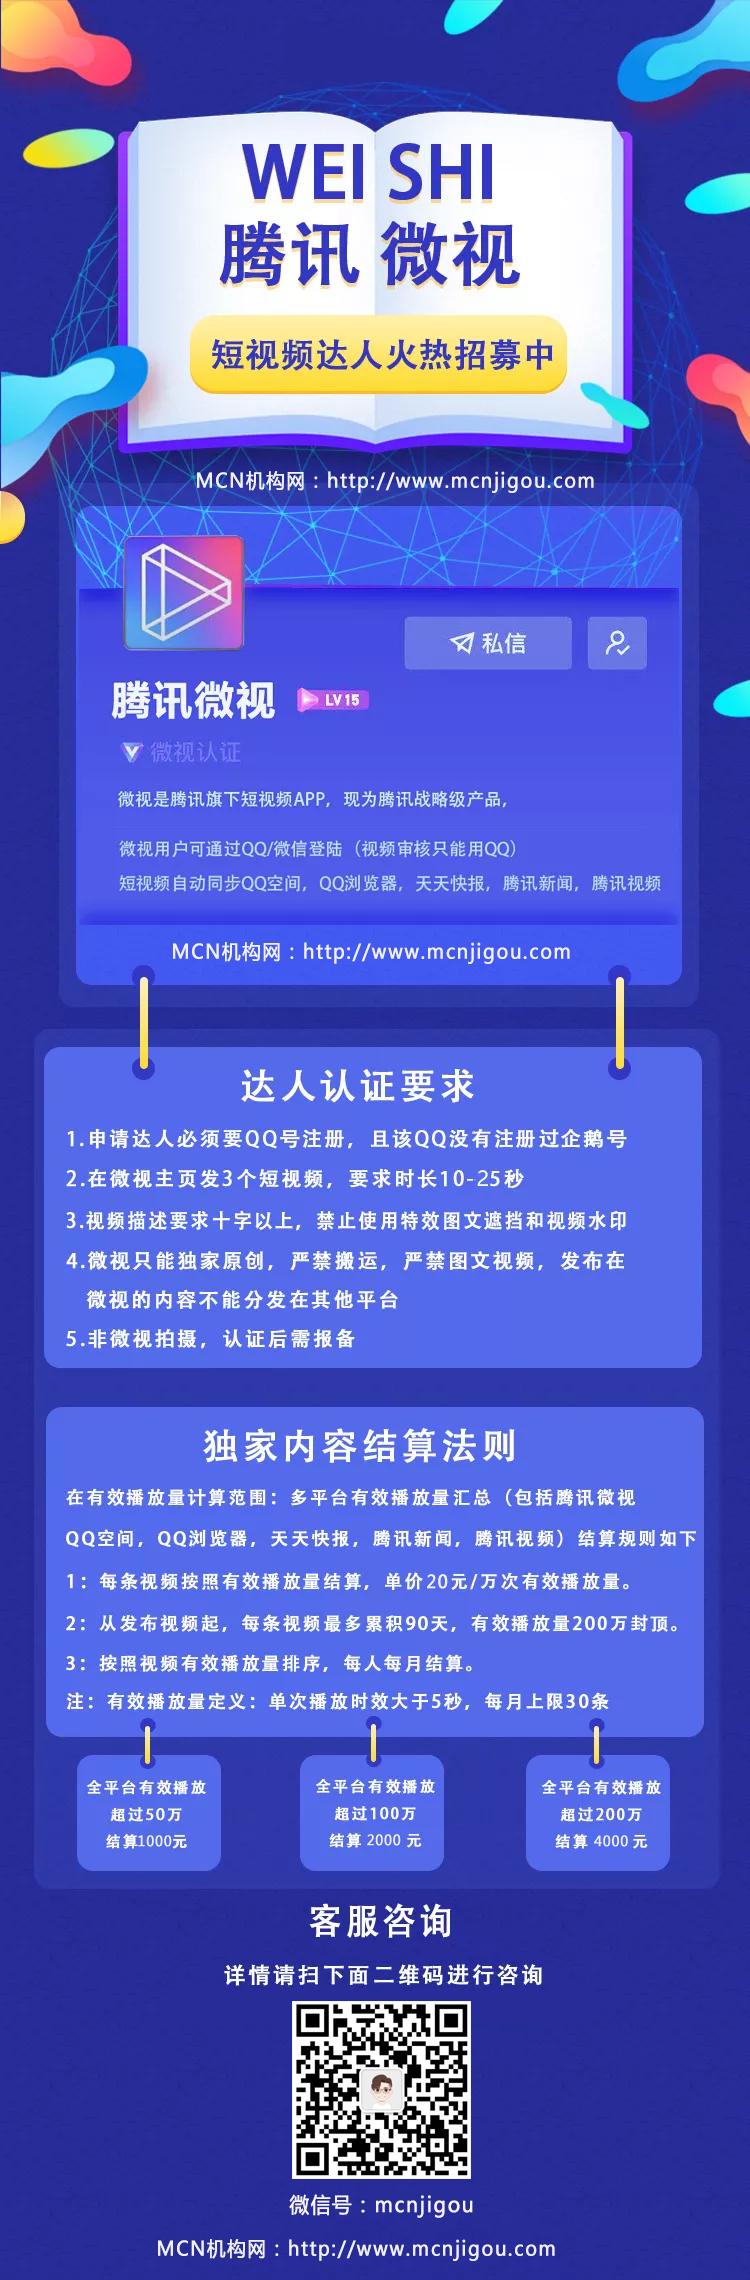 2019年赚一波<a href='http://mcnjigou.com/?tags=2'>微视</a>流量补贴!腾讯<a href='http://mcnjigou.com/?tags=2'>微视</a>认证加V最新方法!